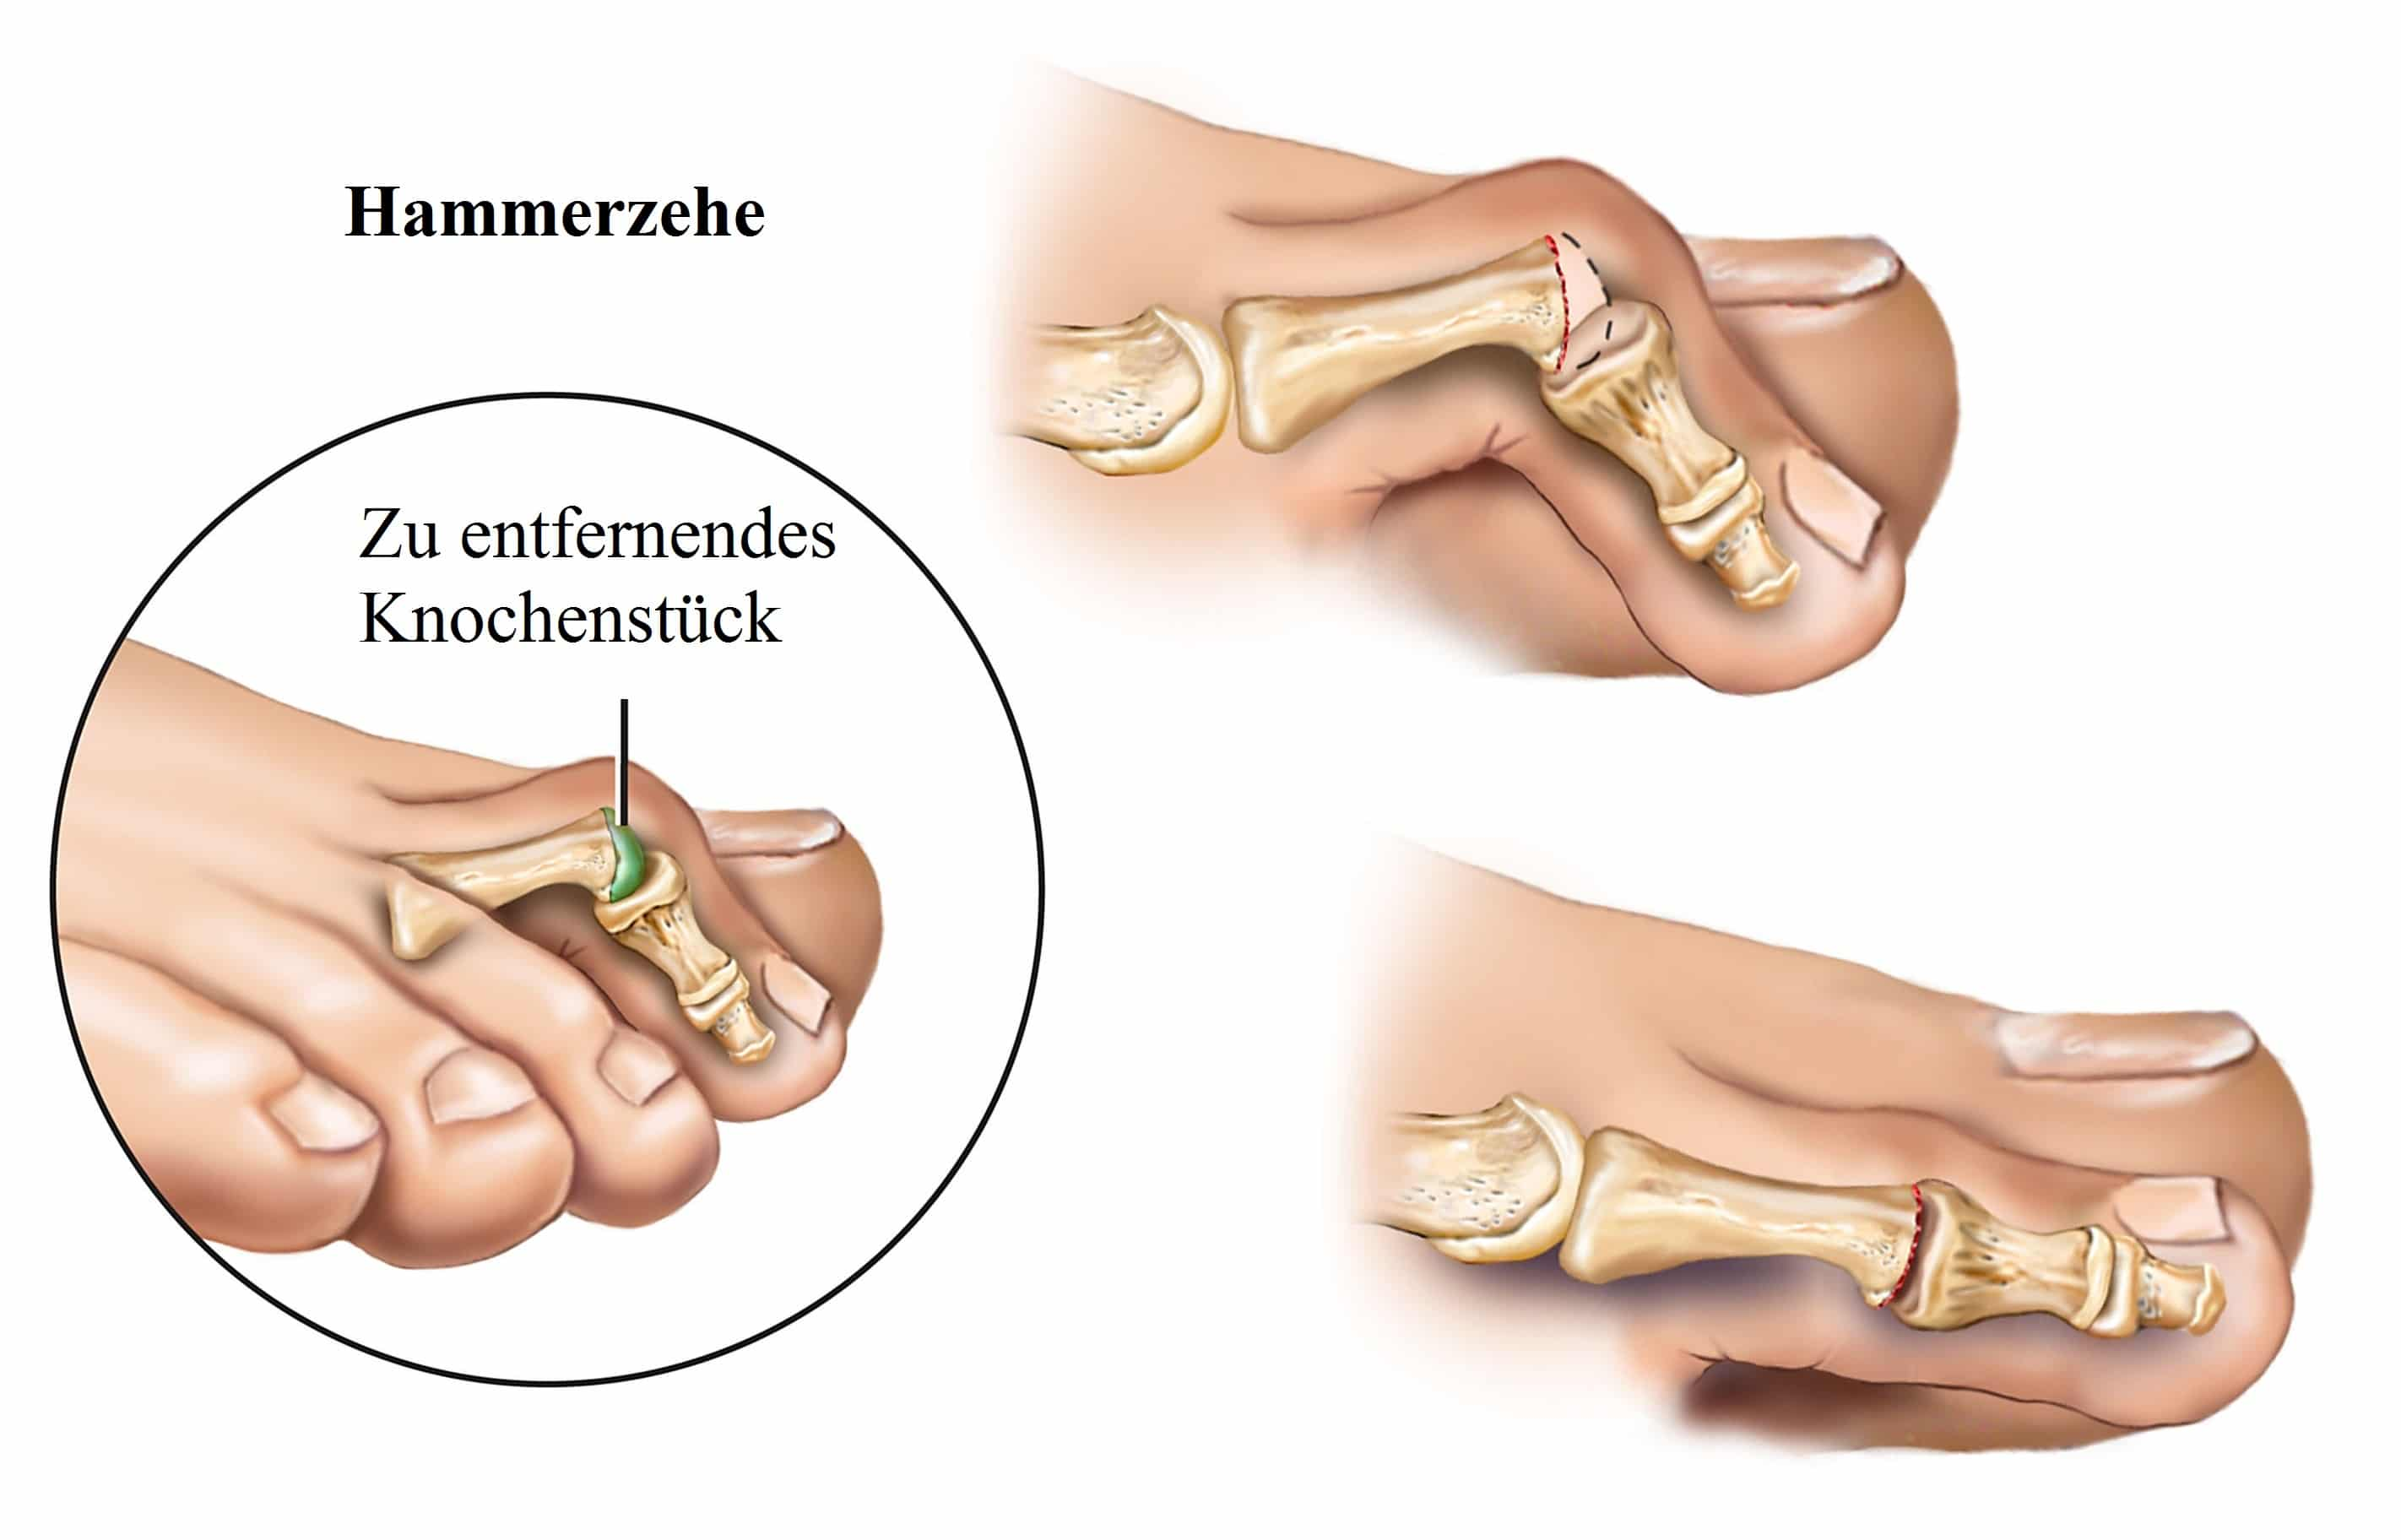 Hammerzehe, Knochenstück